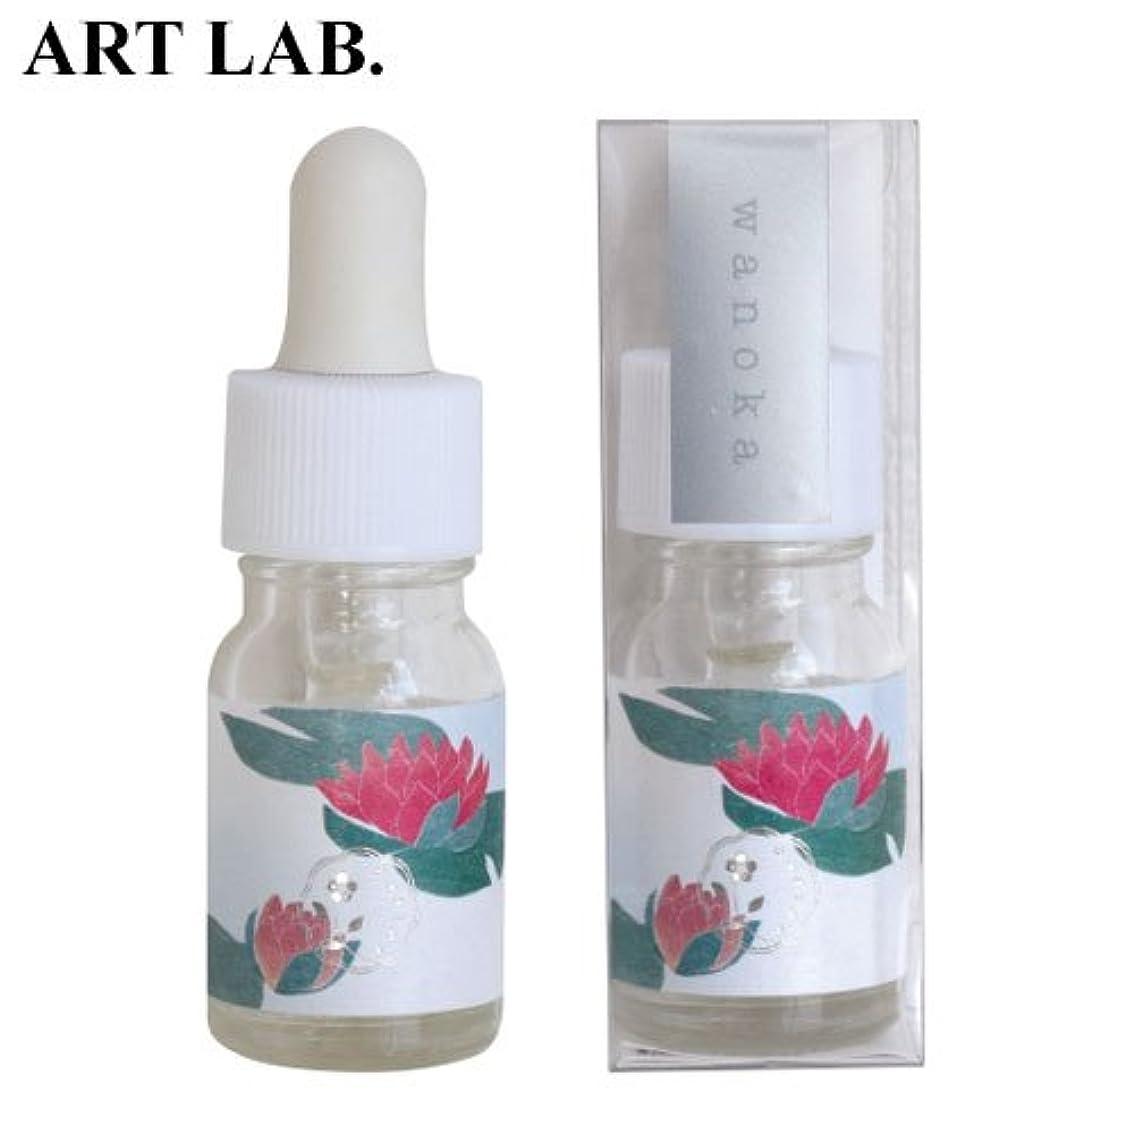 誇りグリル華氏wanoka香油アロマオイル睡蓮《睡蓮をイメージした清楚な香り》ART LABAromatic oil